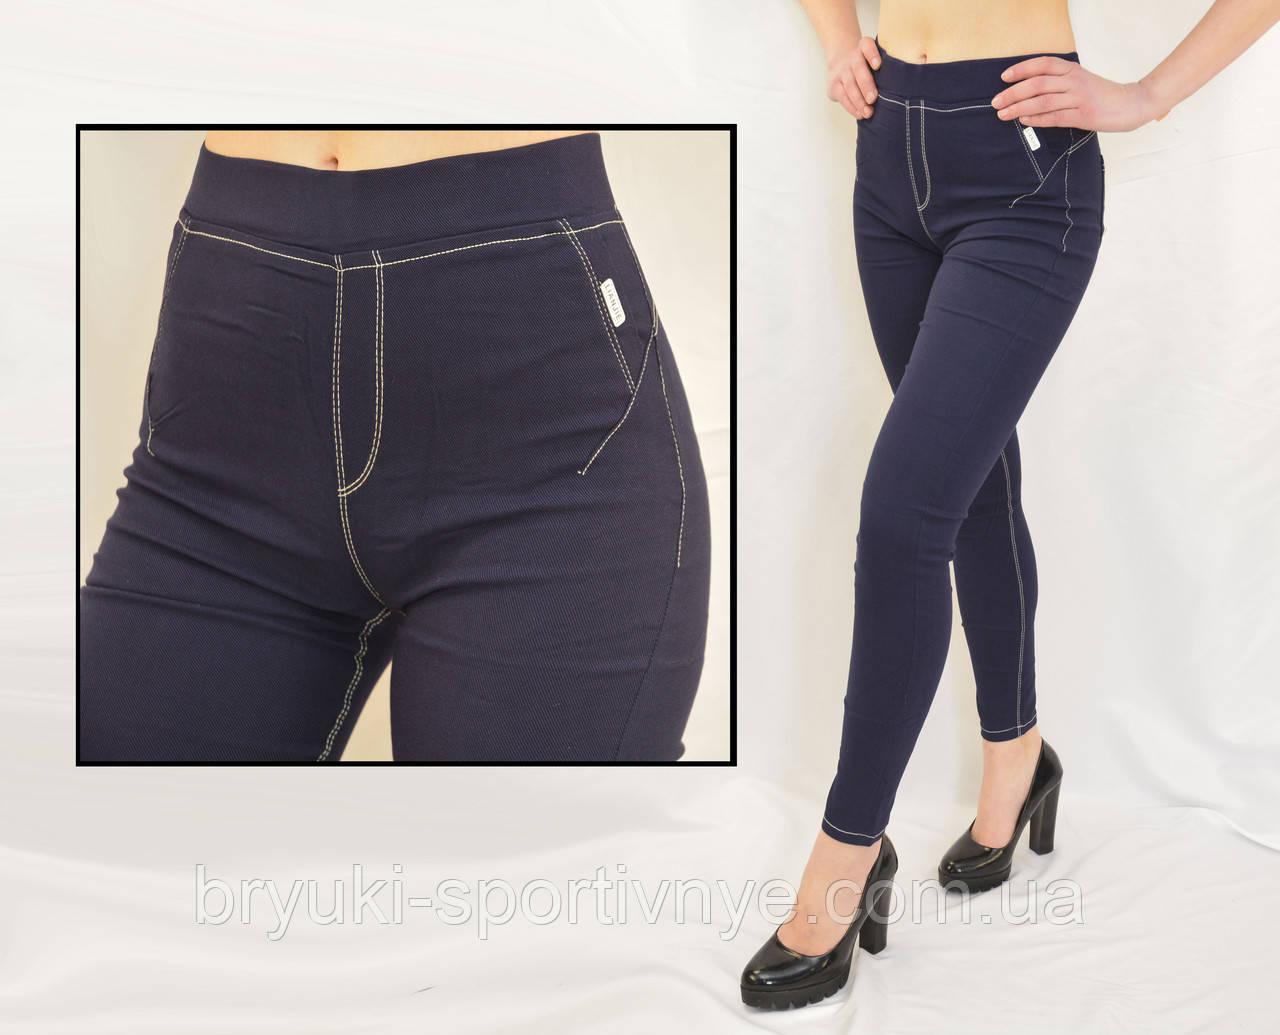 Джеггинсы женские M - 2XL Лосины женские стрейчевые под джинс Kenalin (Синий цвет)